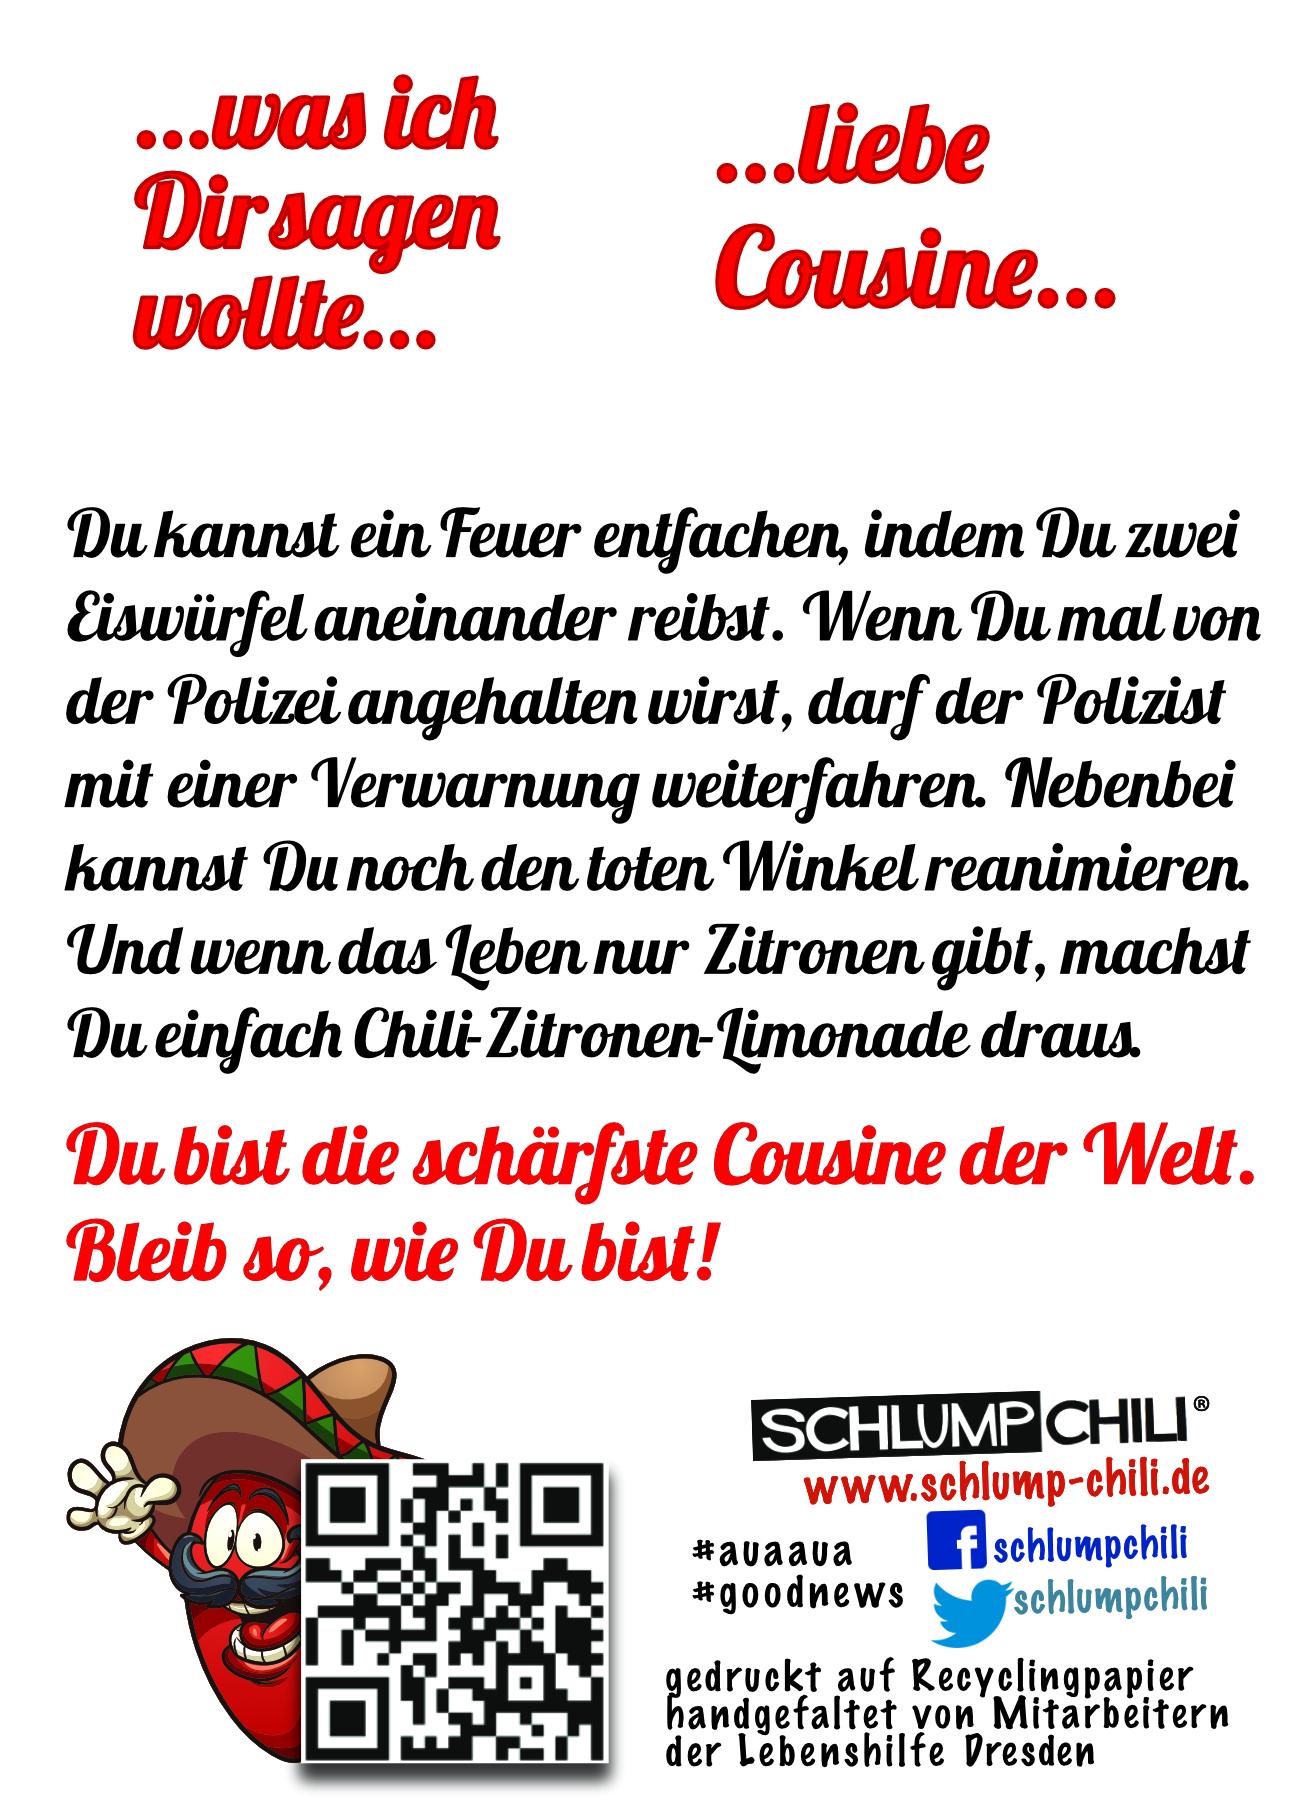 Die Scharfste Cousine Der Welt Geschenk Witzige Frauengeschenke Schlump Chili Shop